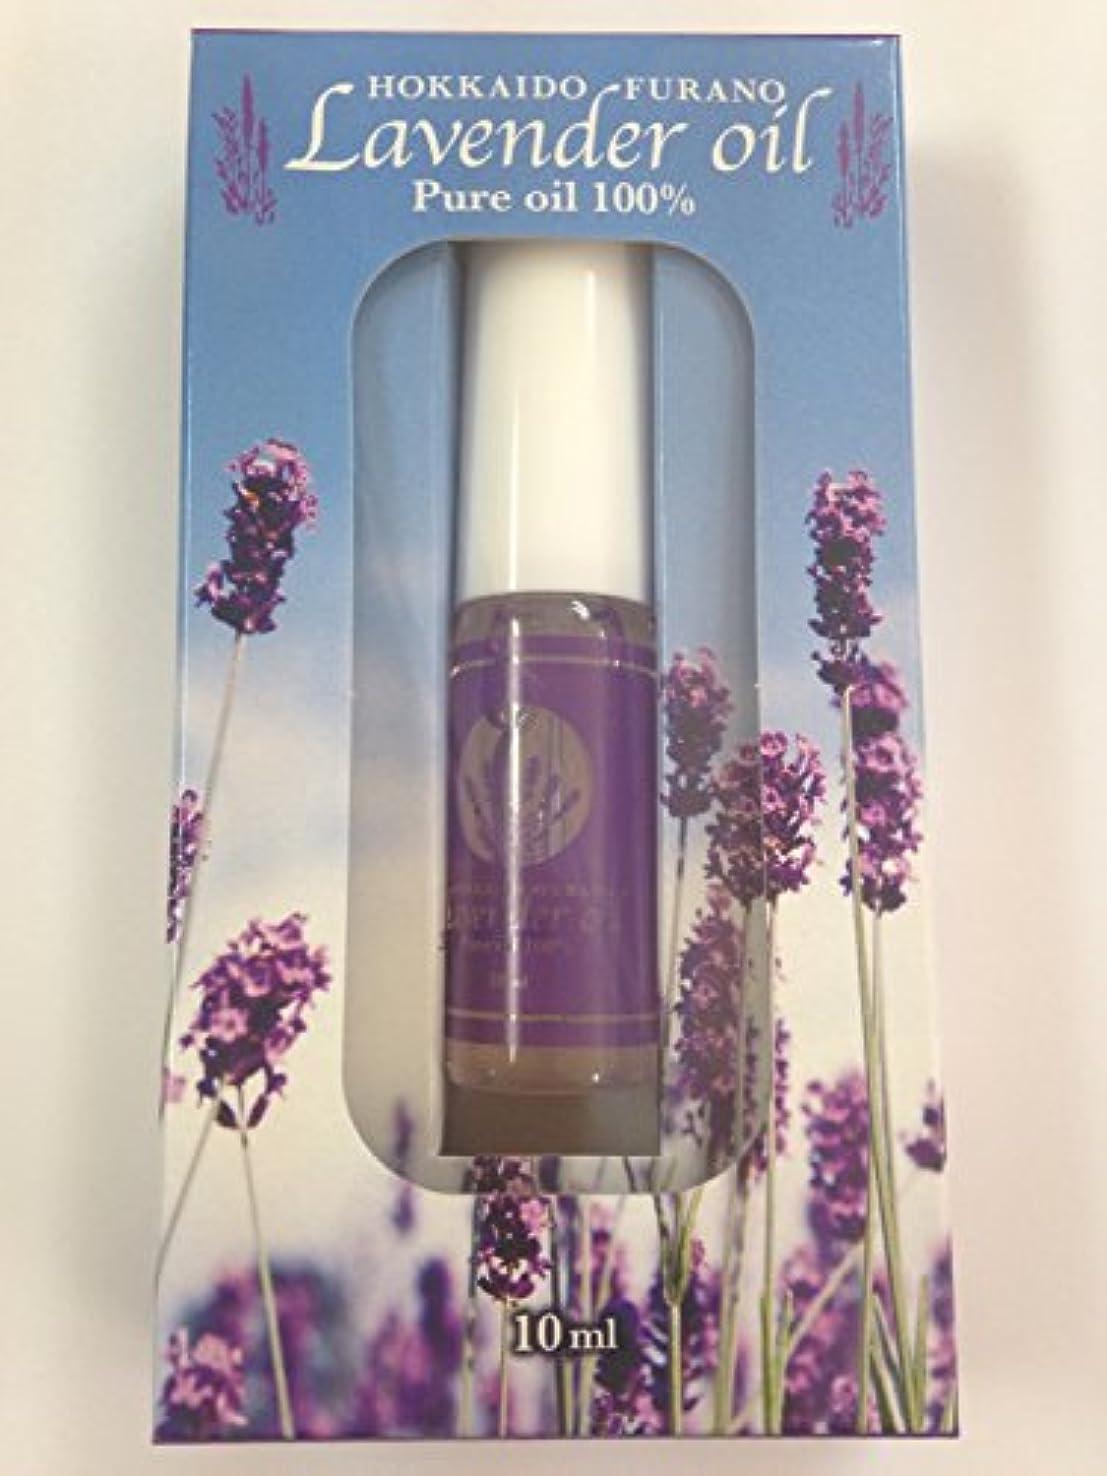 失速恥表示北海道◆ラベンダー天然精油100%?10ml<水蒸気蒸留法>Lavender oil